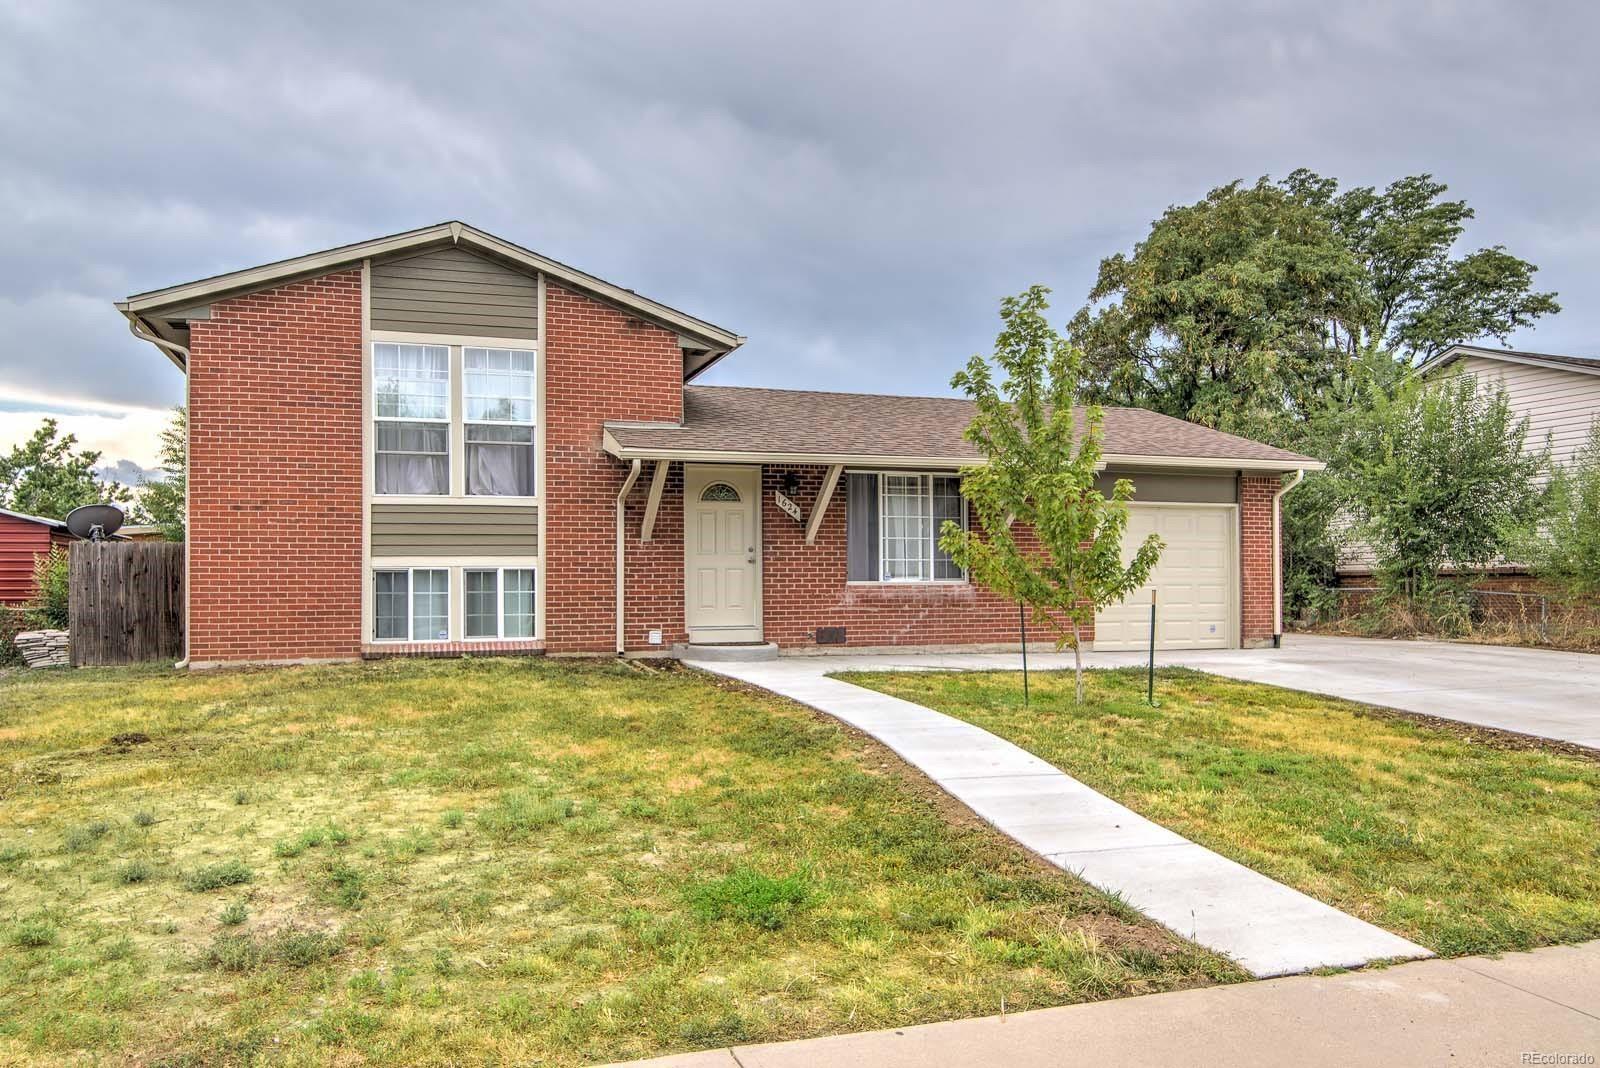 MLS# 4599263 - 1 - 1624 Nueva Vista Drive, Denver, CO 80229